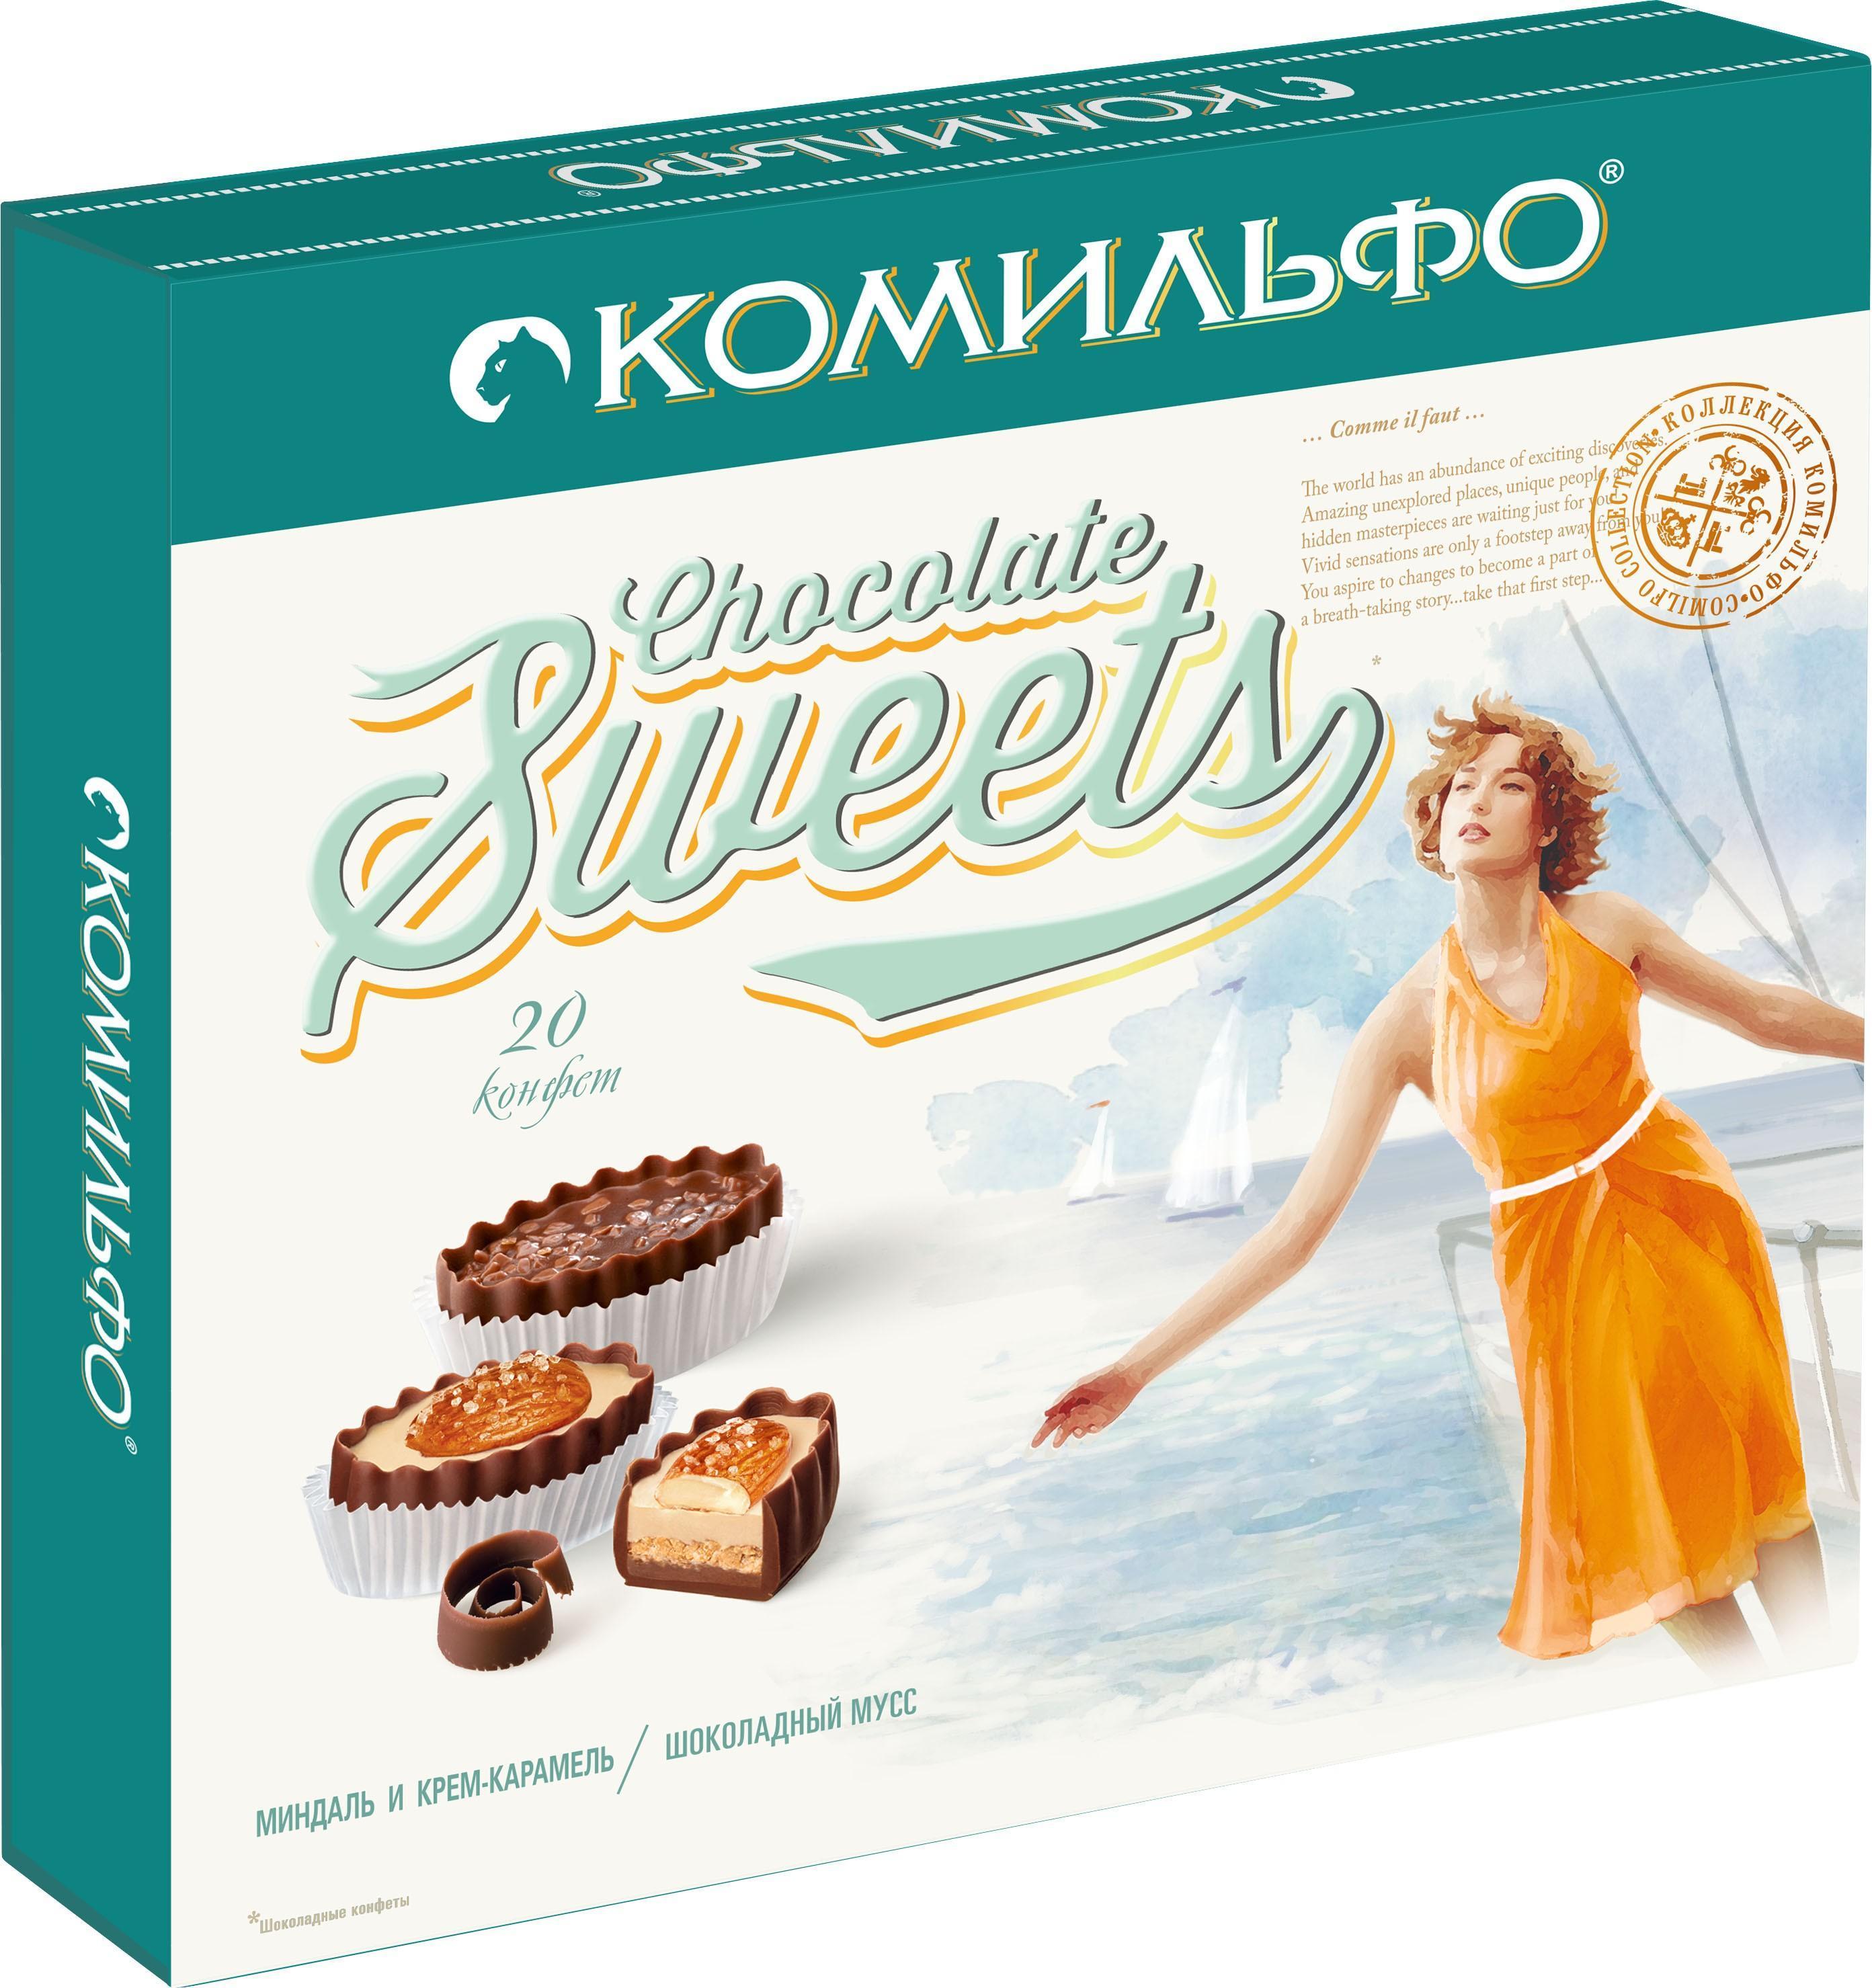 Шоколадные конфеты Комильфо Миндаль и Крем-карамель, Шоколадный мусс, Картонная упаковка 232 г